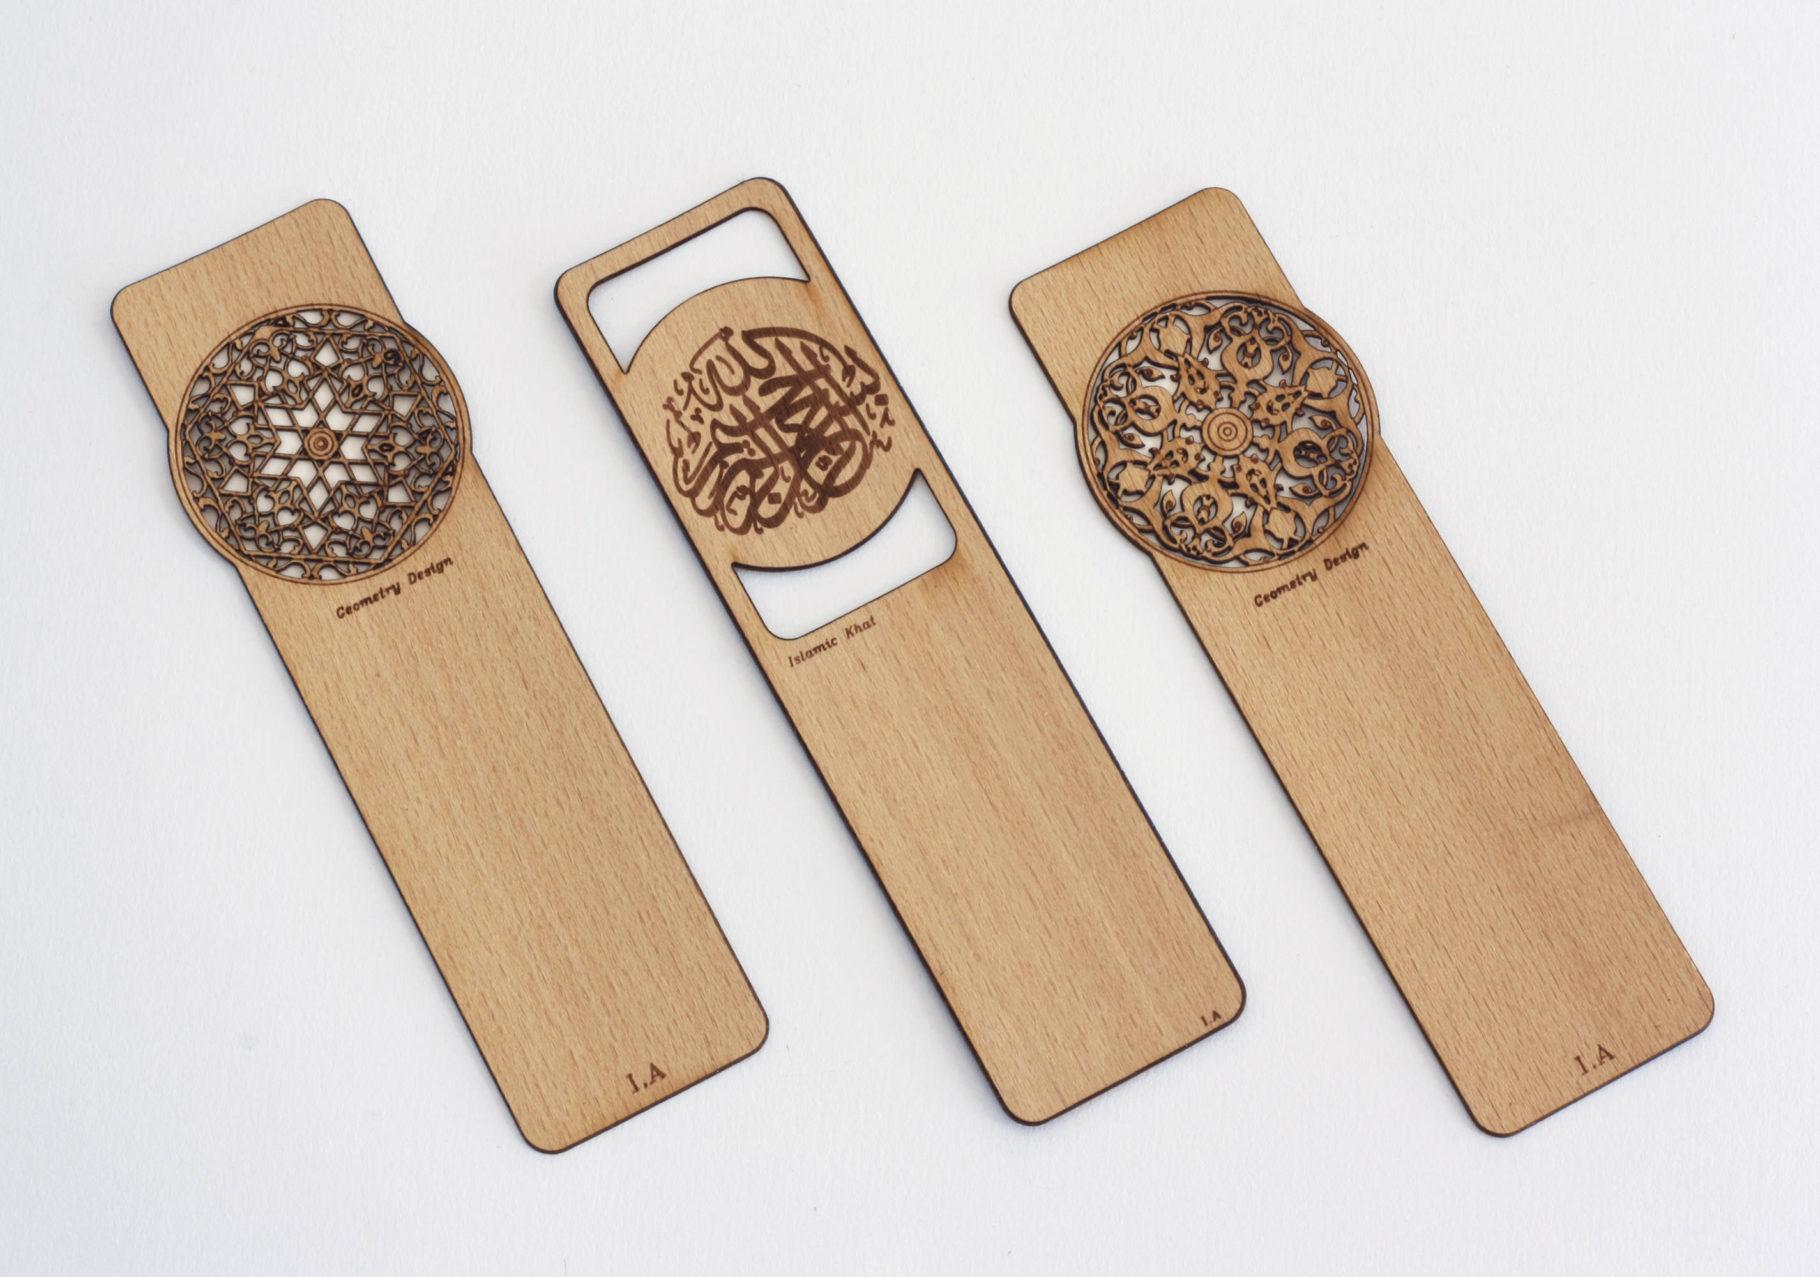 Islamische Buch-Lesezeichen im 3er Set aus echtem Holzfurnier